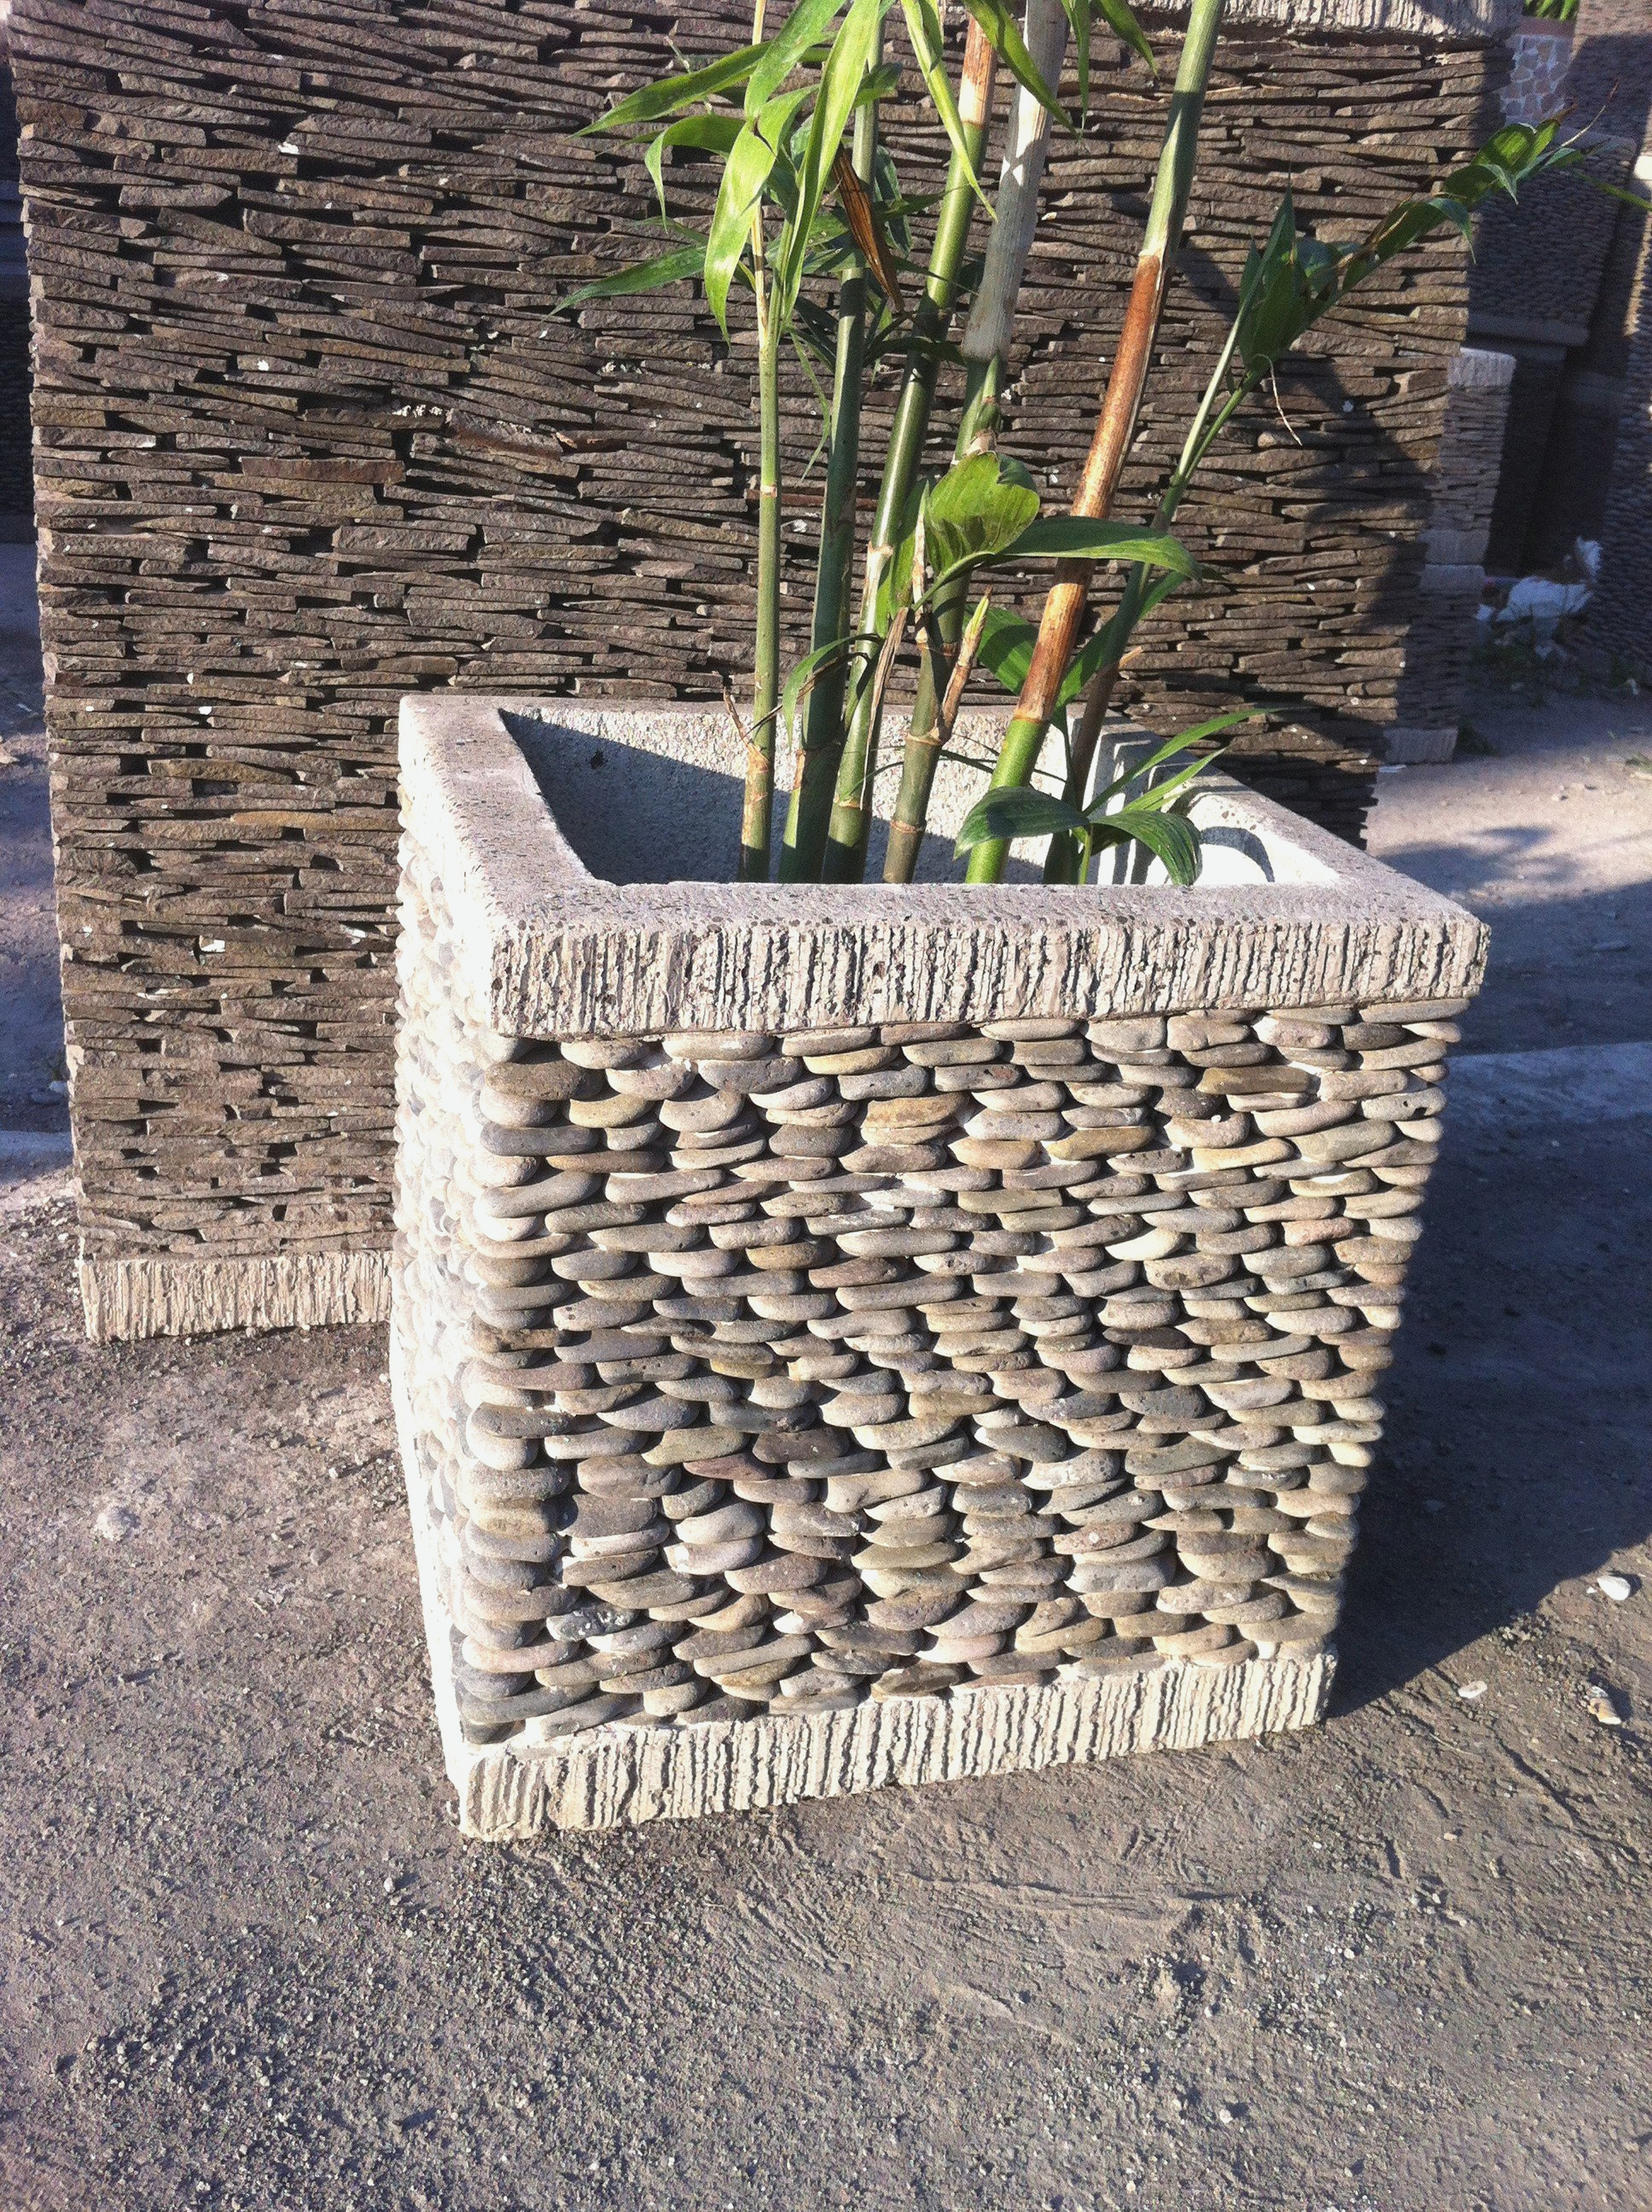 Table De Jardin Intermarche Frais Collection Piscine Intermarché Frais ori Pot Bac Jardiniere Carre Cube Galet